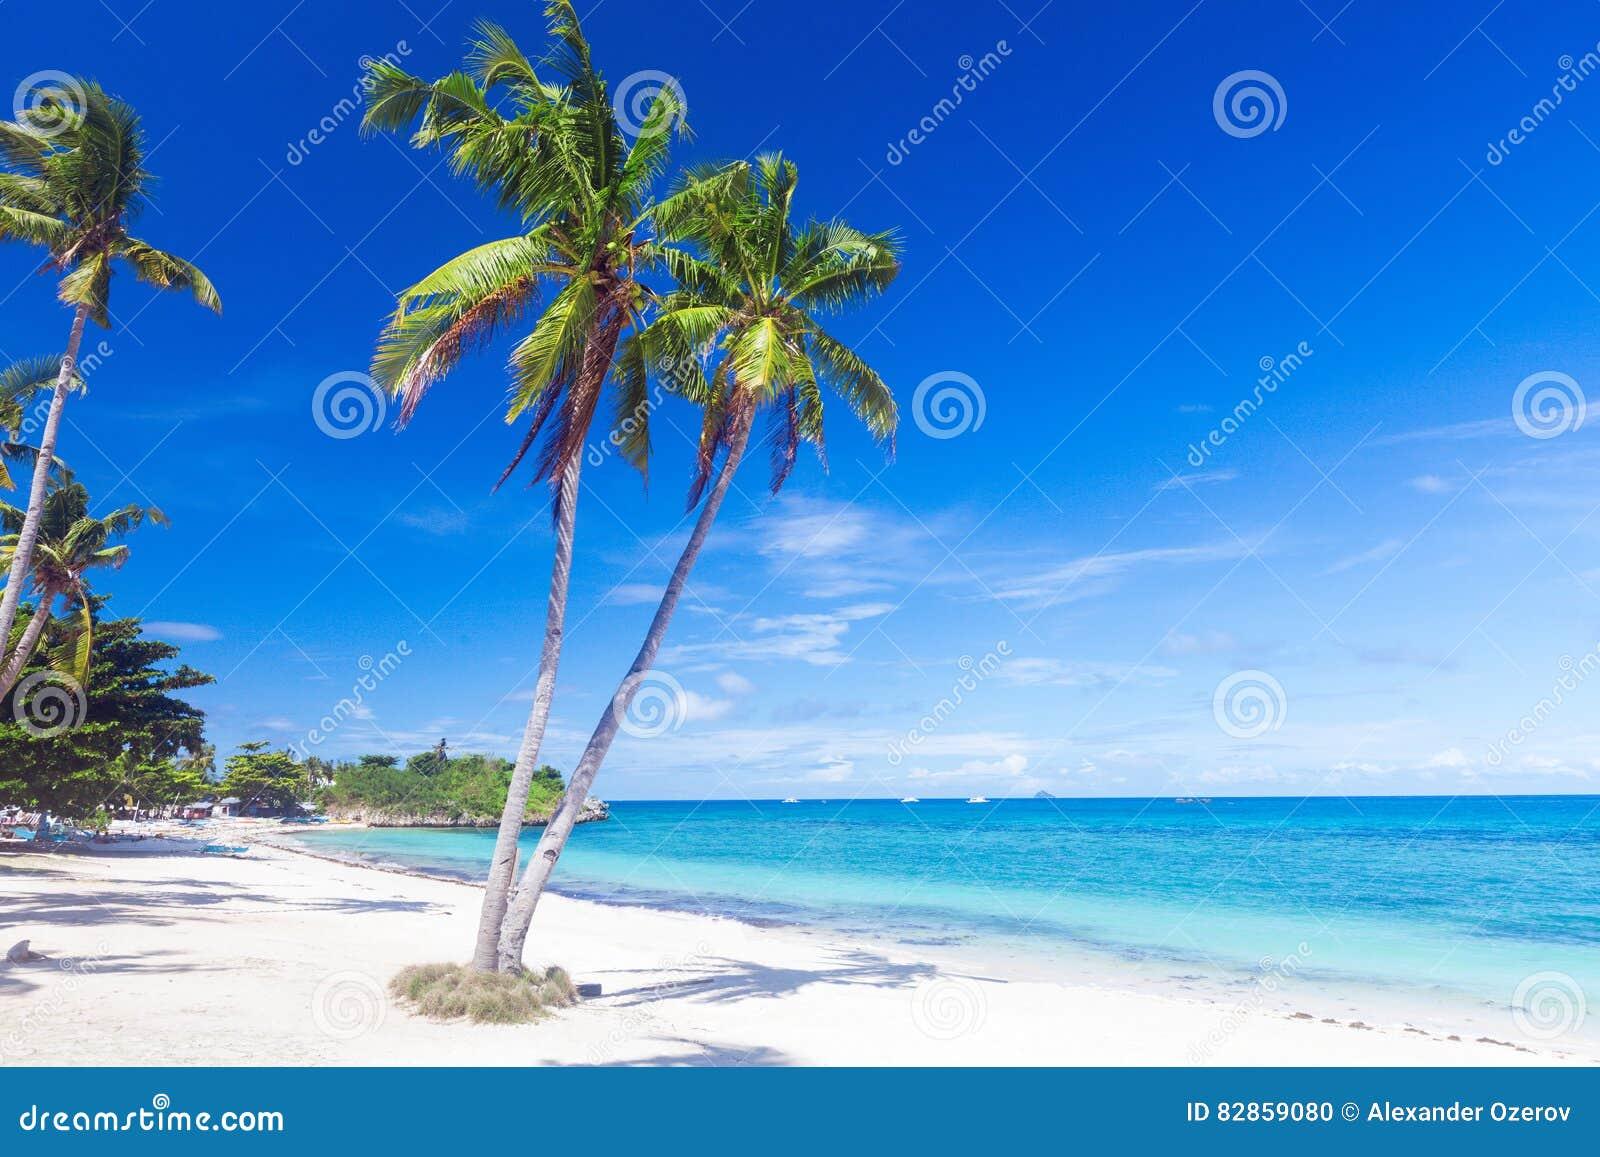 海滩热带的可可椰子